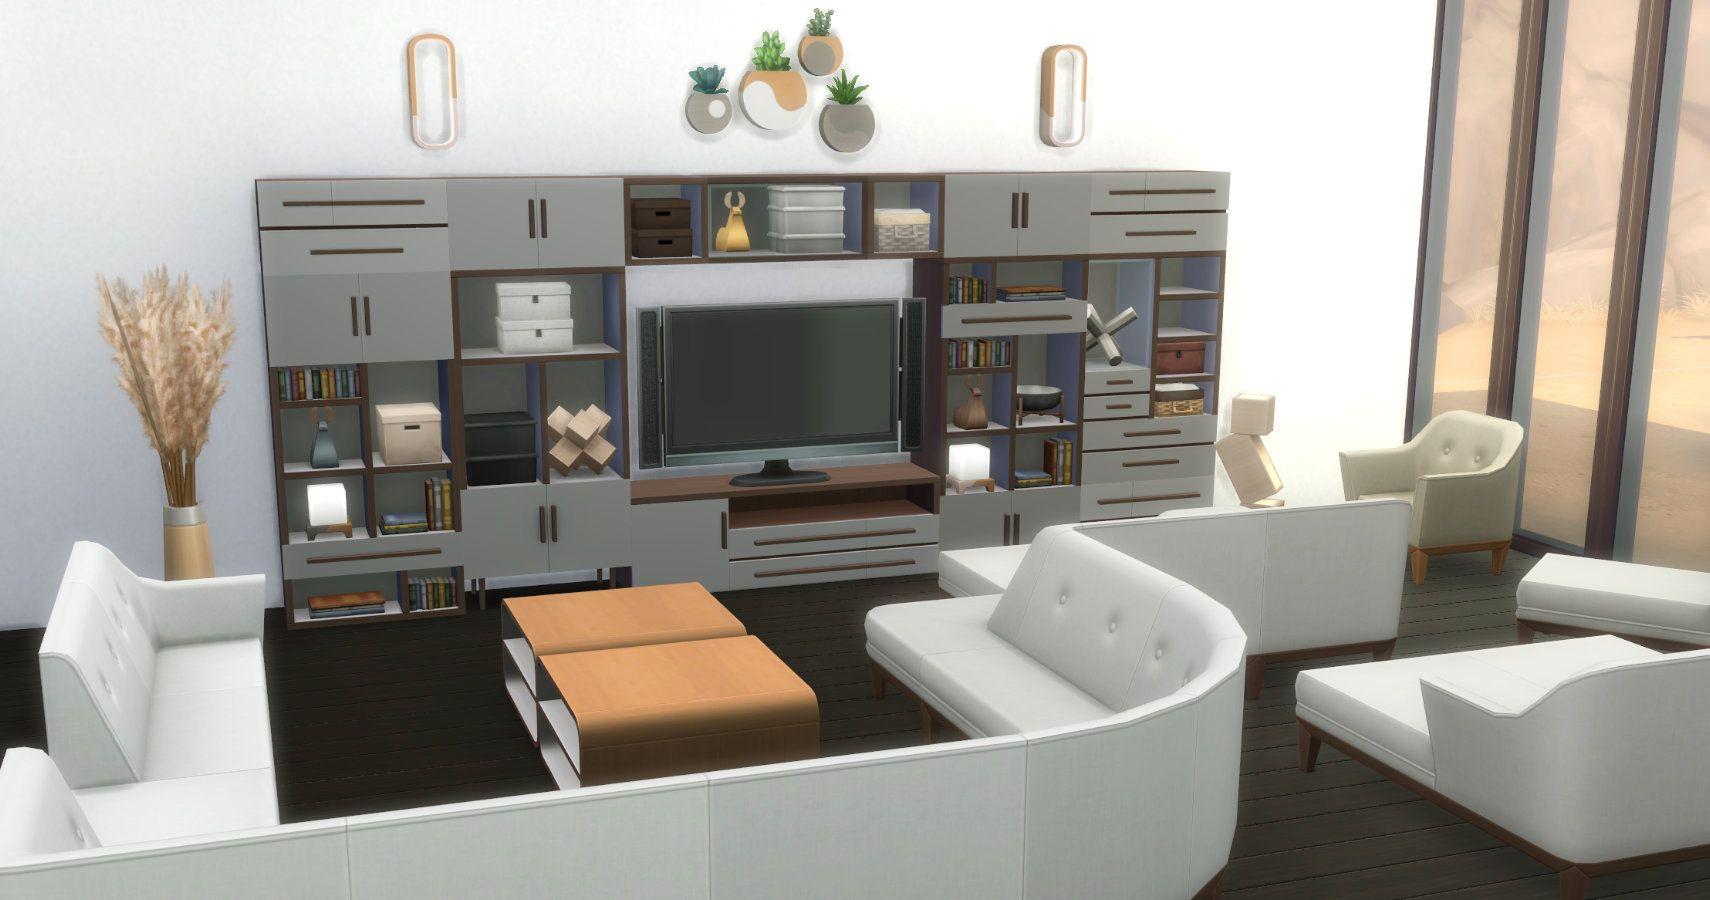 Decorador de casas de ensueño de Los Sims 4: una guía completa de muebles modulares